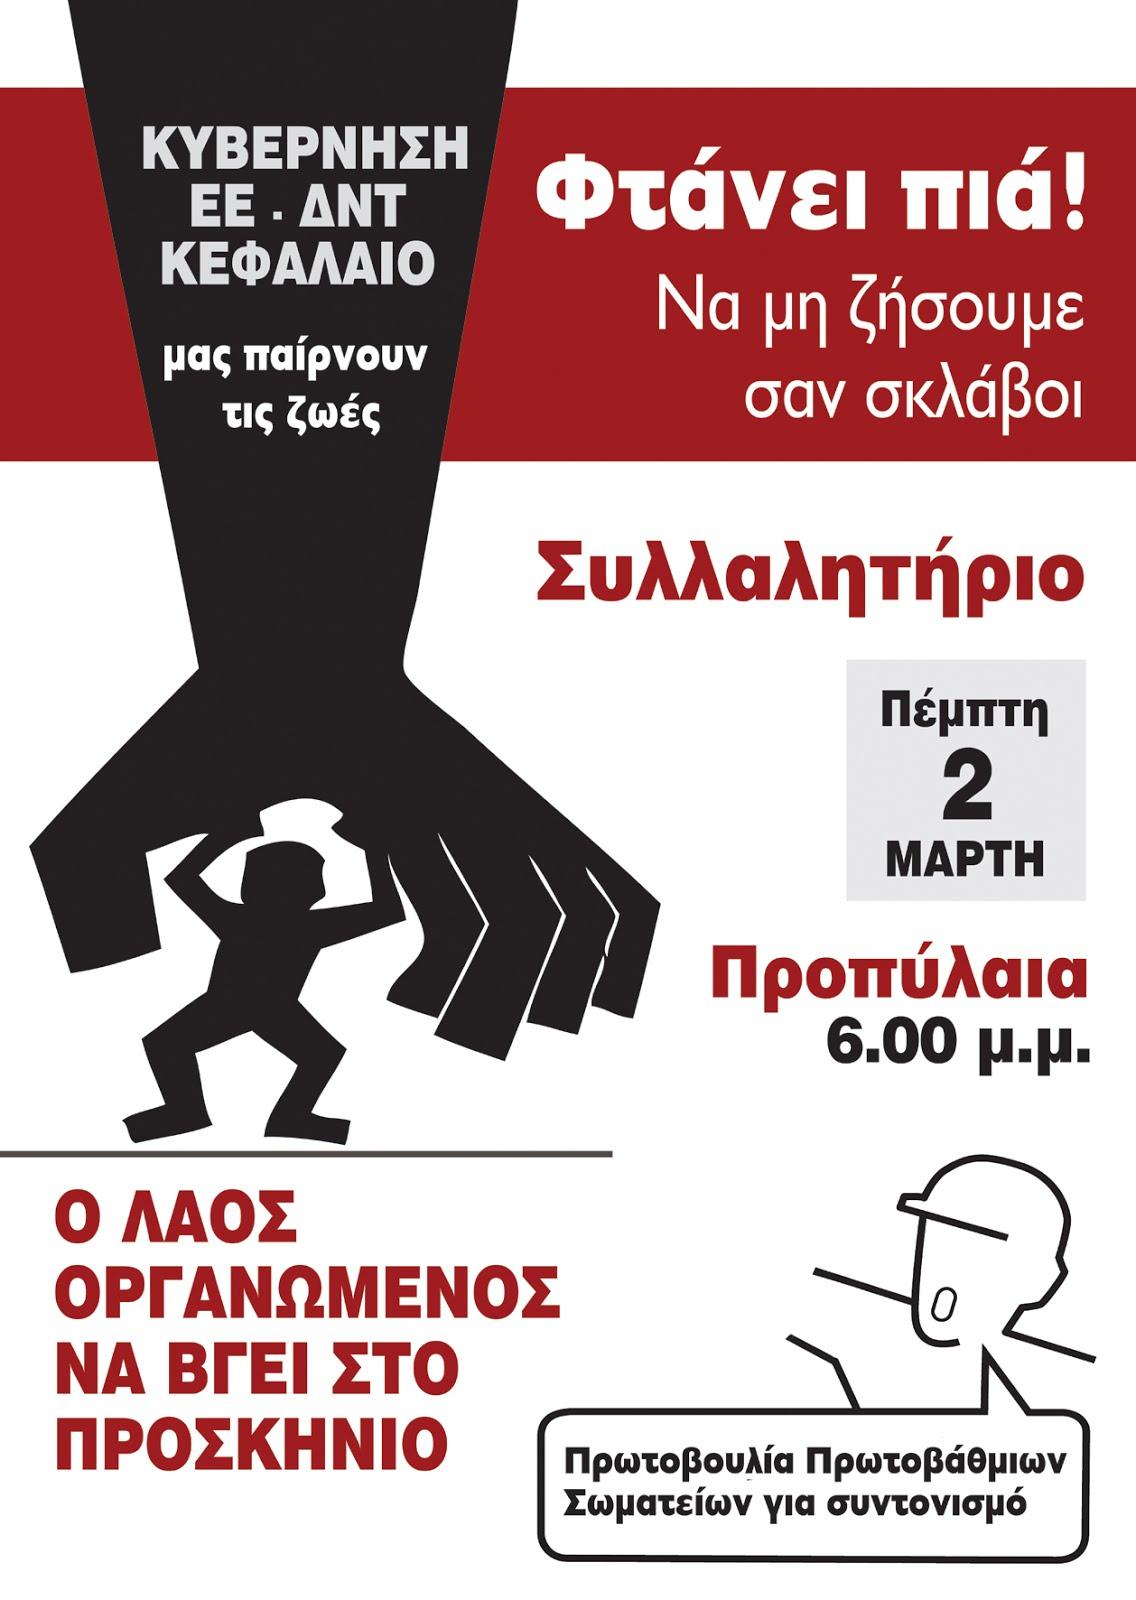 Συλλαλητήριο 2 Μάρτη 2017